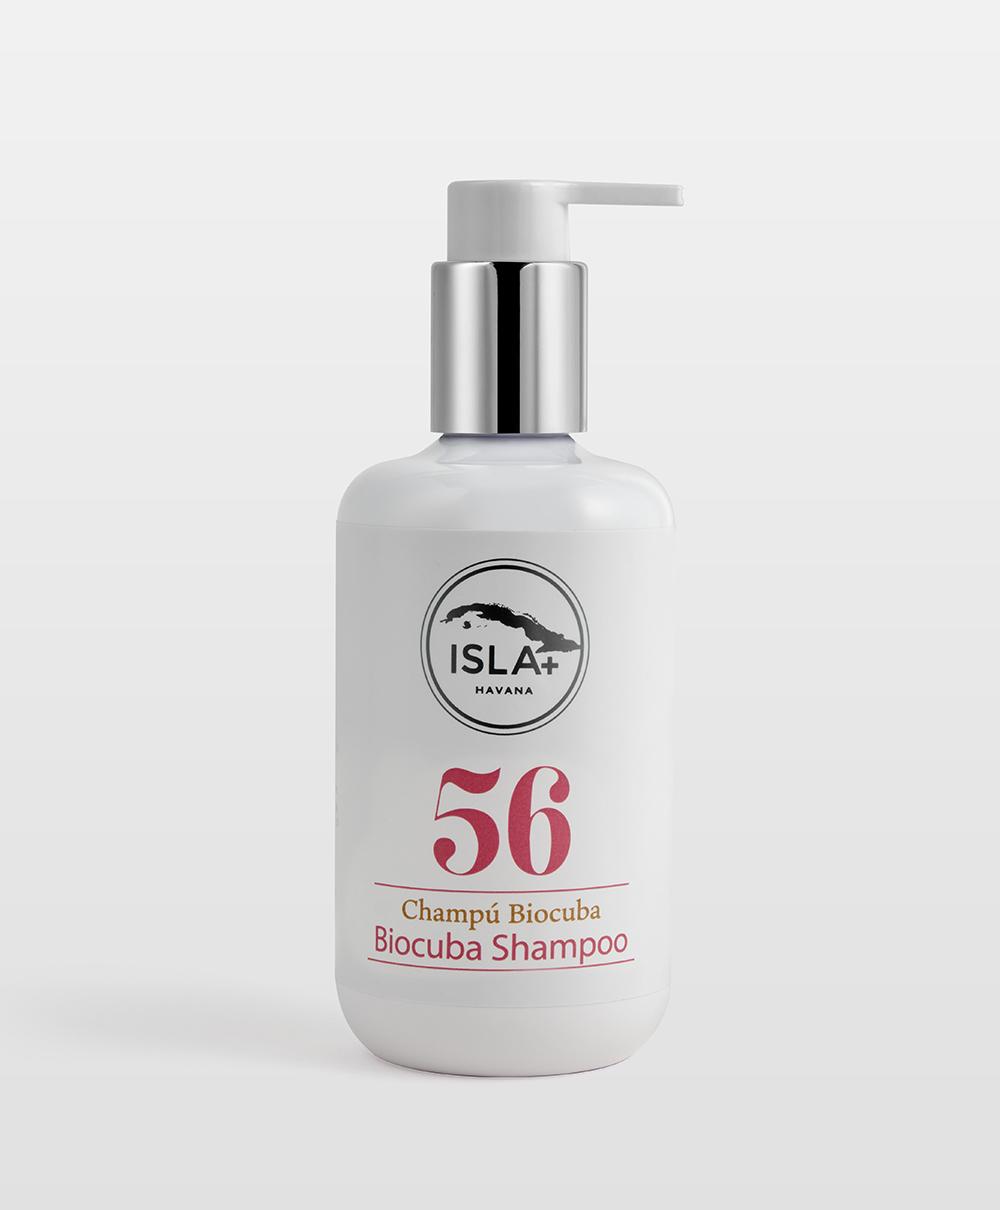 56 Biocuba Shampoo